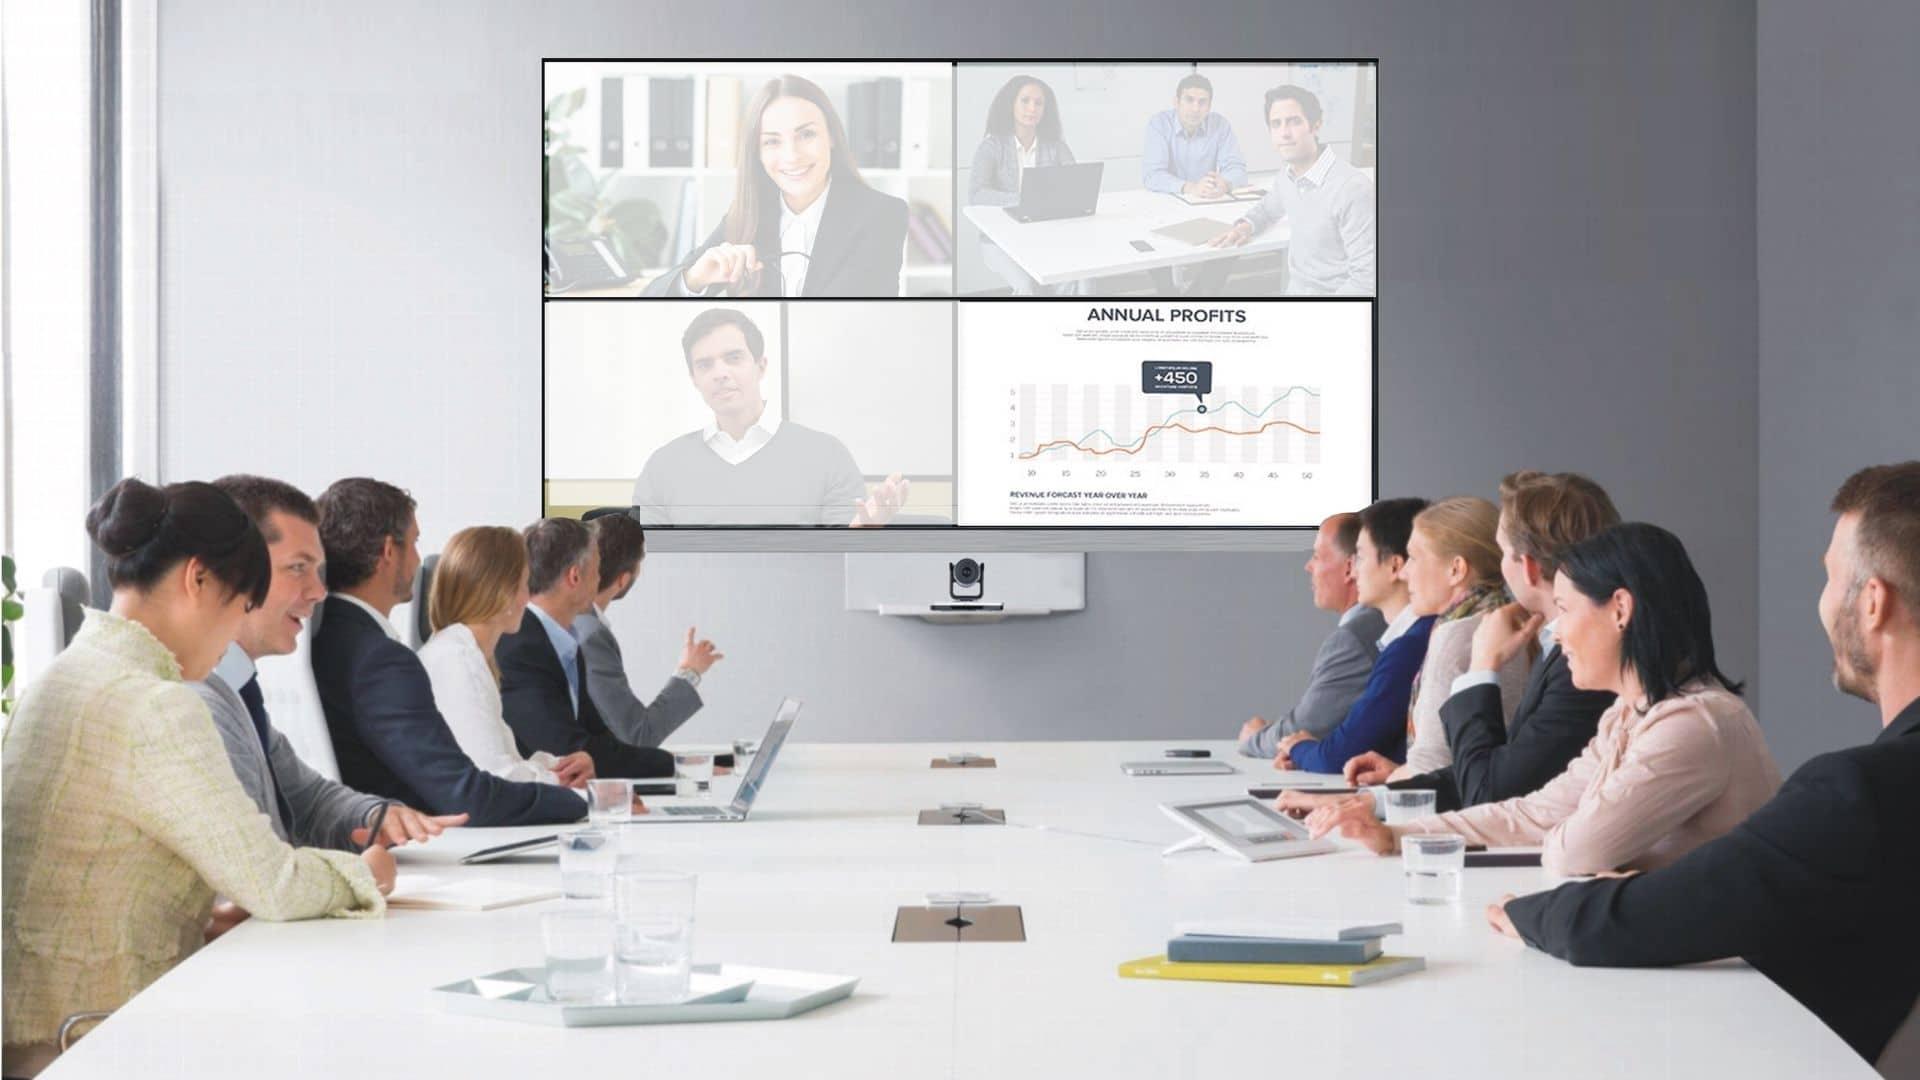 Für Videokonferenzen und Konferenzräume sind eine gute Kamera und Beleuchtung essentiell z.B. vom Komplettanbieter conference-tv.de